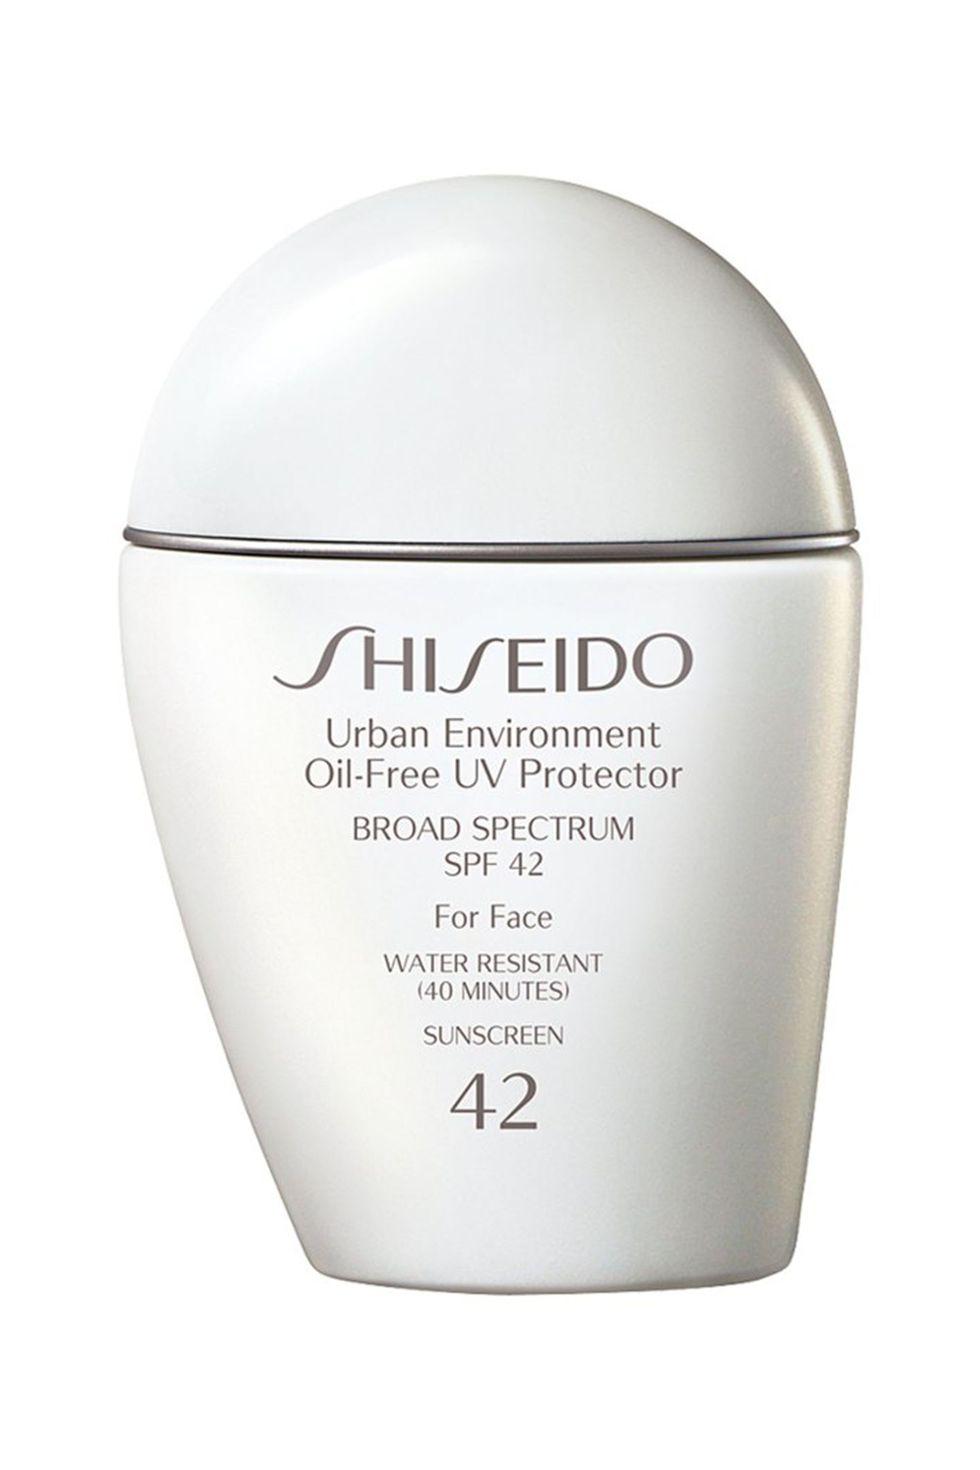 kem chống nắng vật lý Shiseido 2